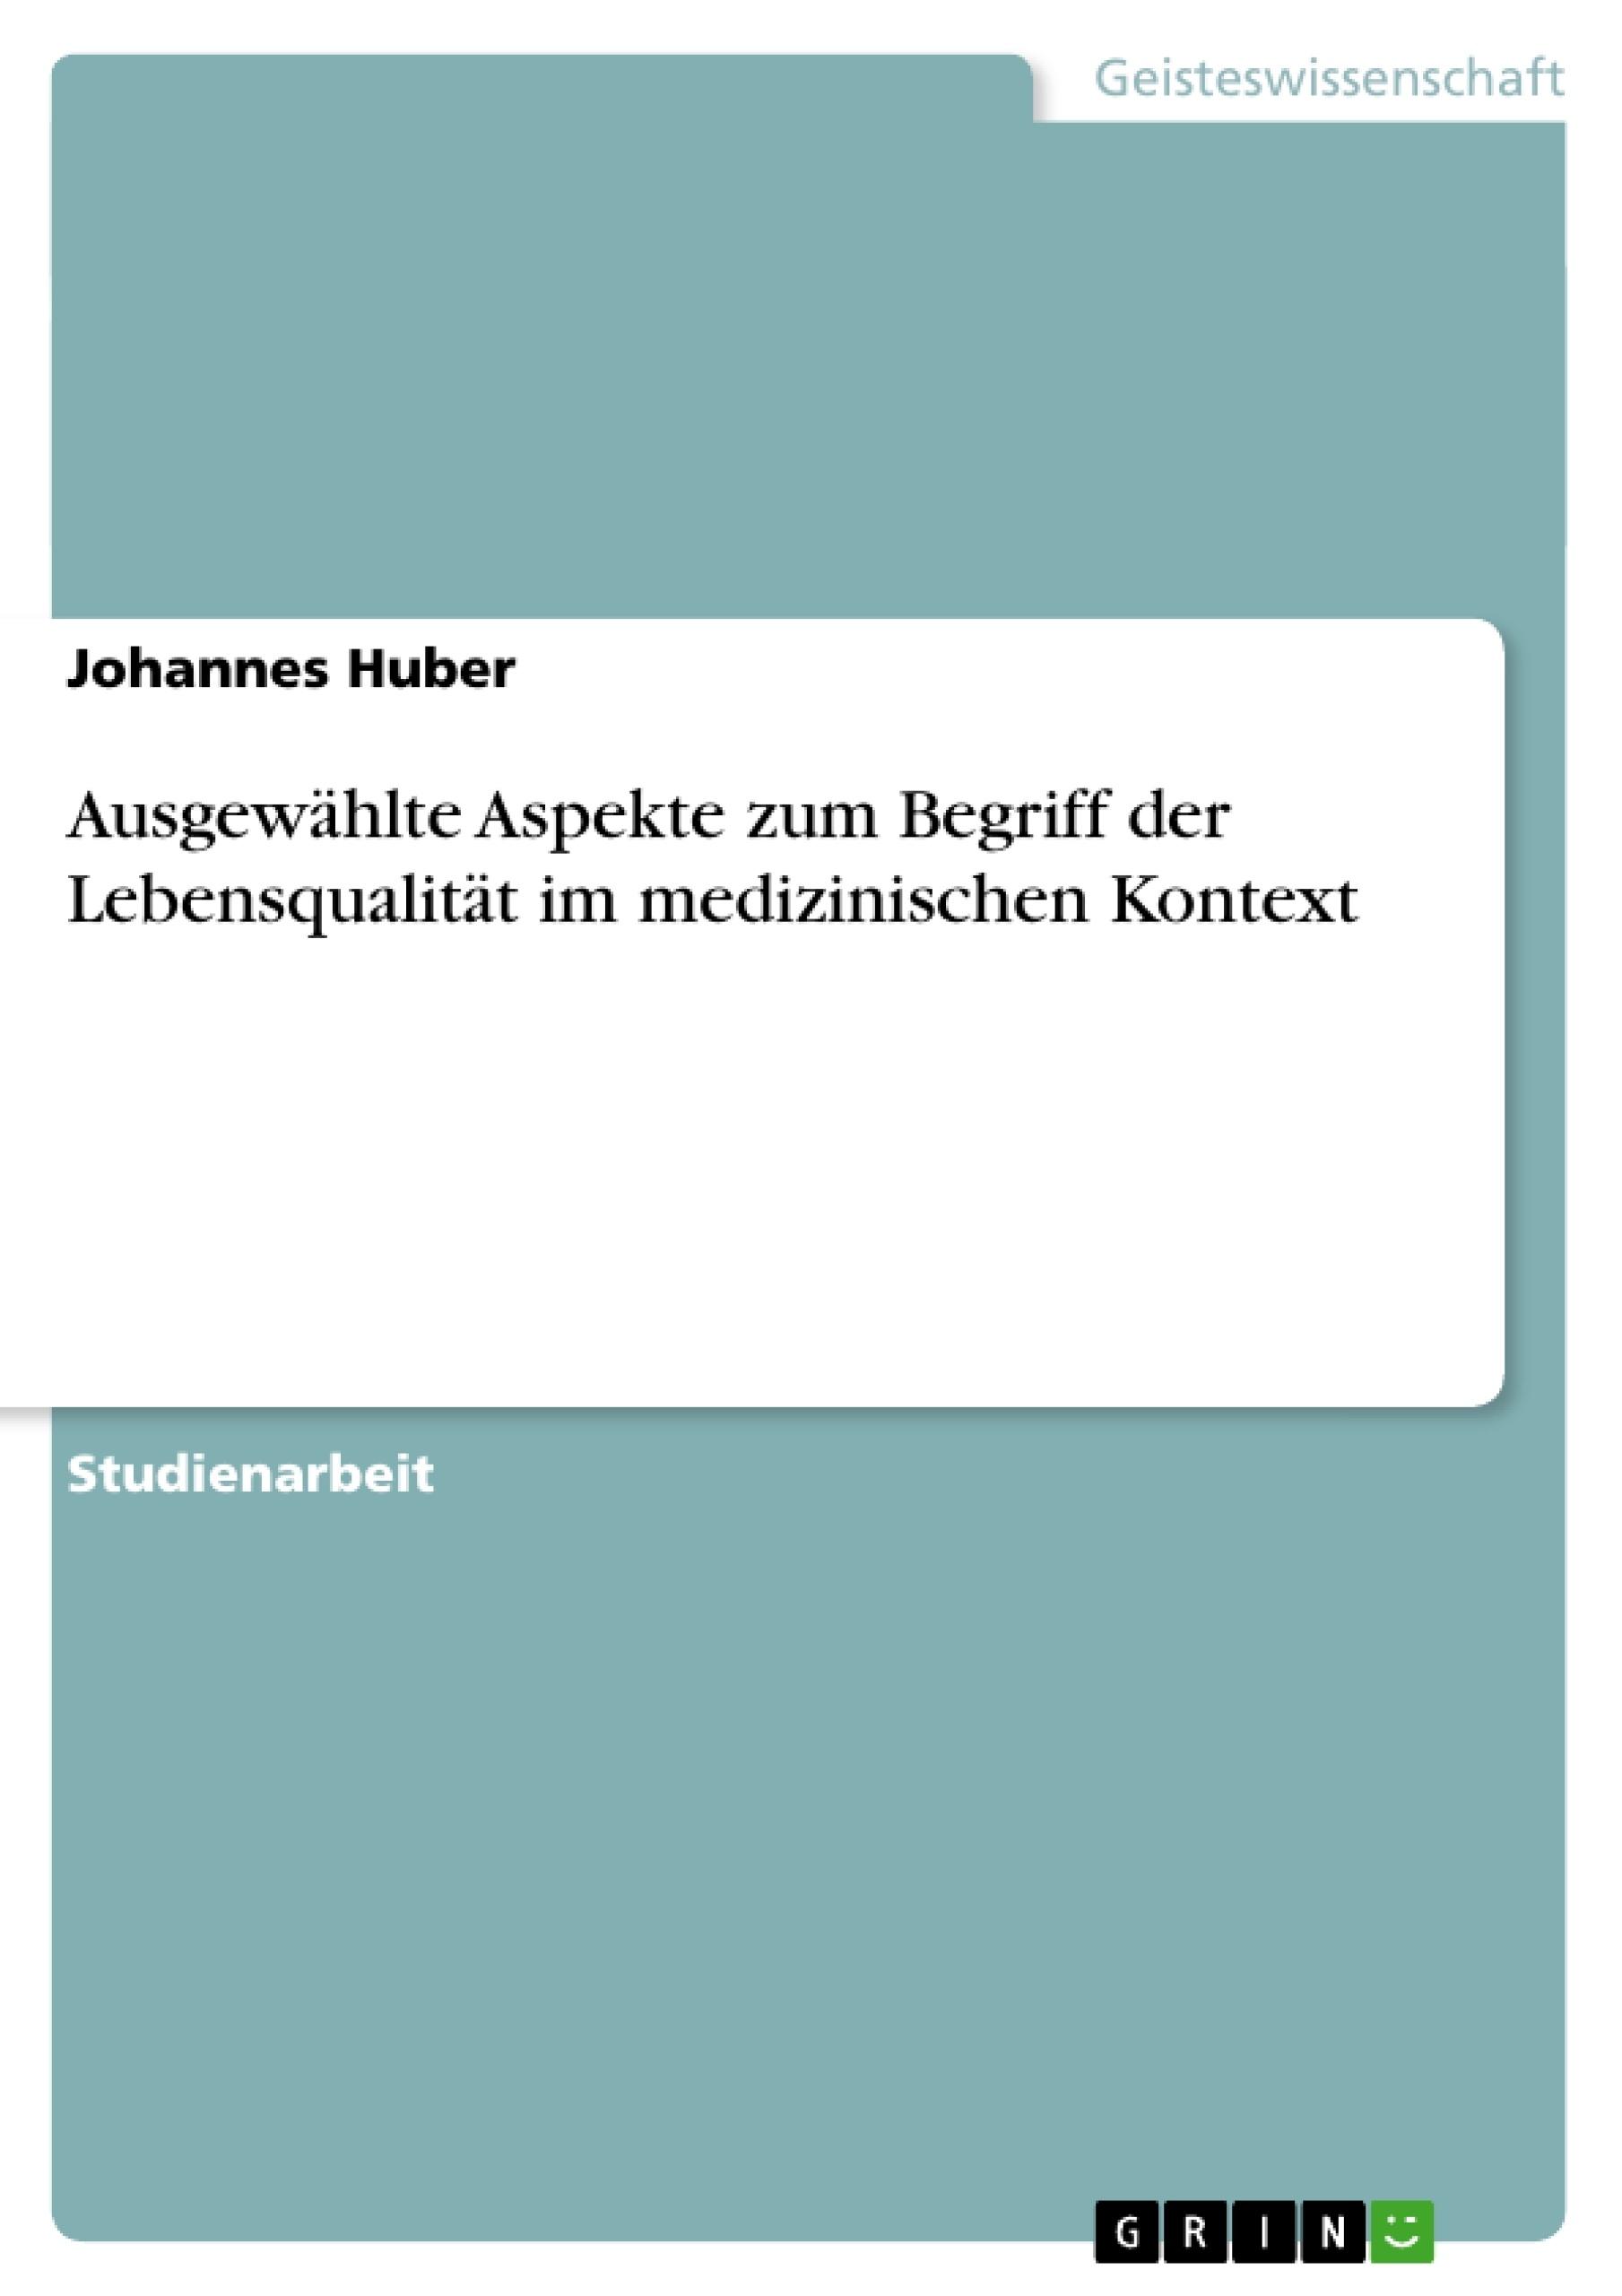 Titel: Ausgewählte Aspekte zum Begriff der Lebensqualität im medizinischen Kontext